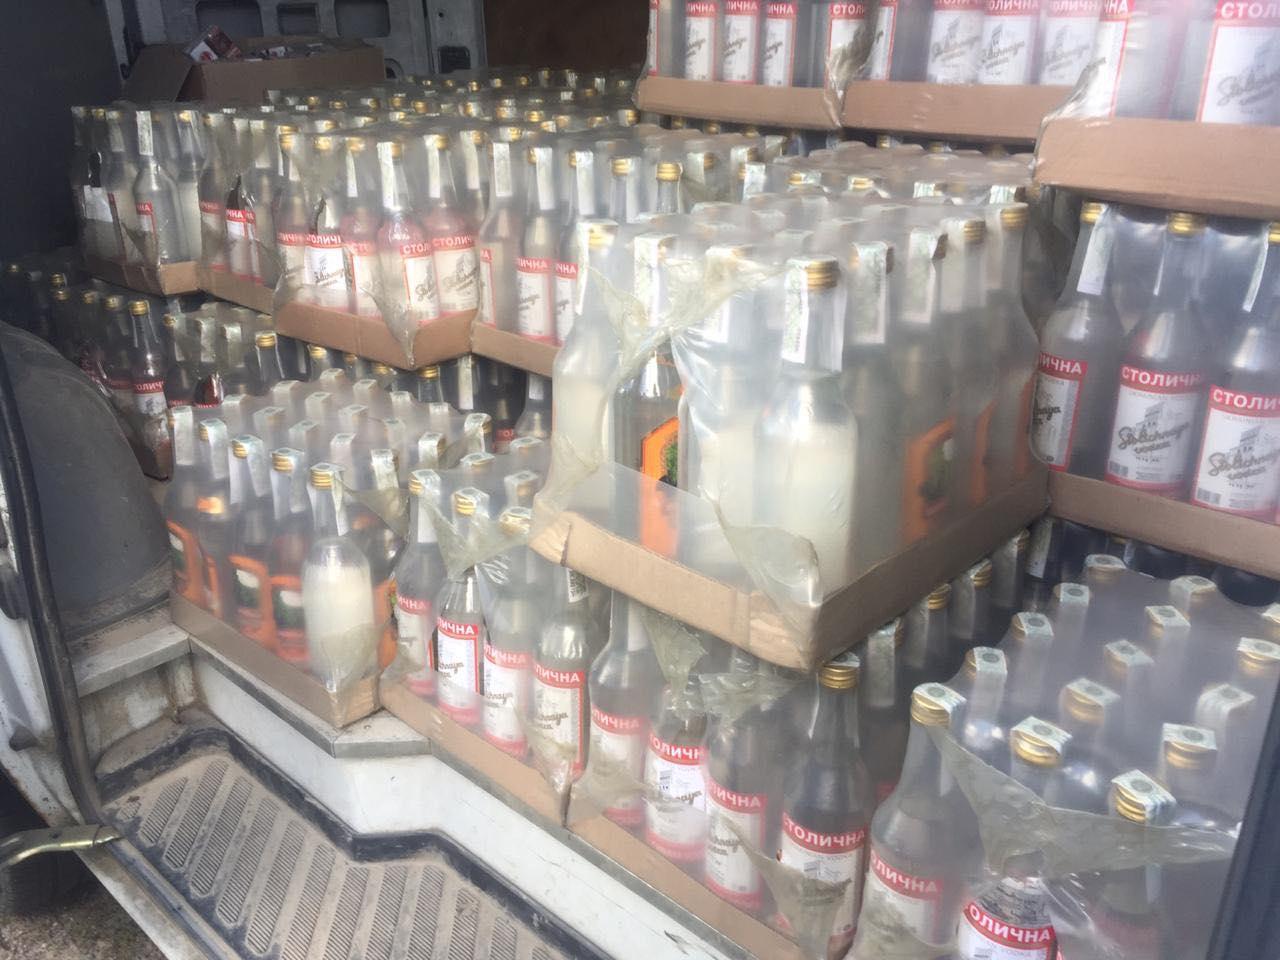 В Ковелі вилучили 600 л контрафактного алкоголю